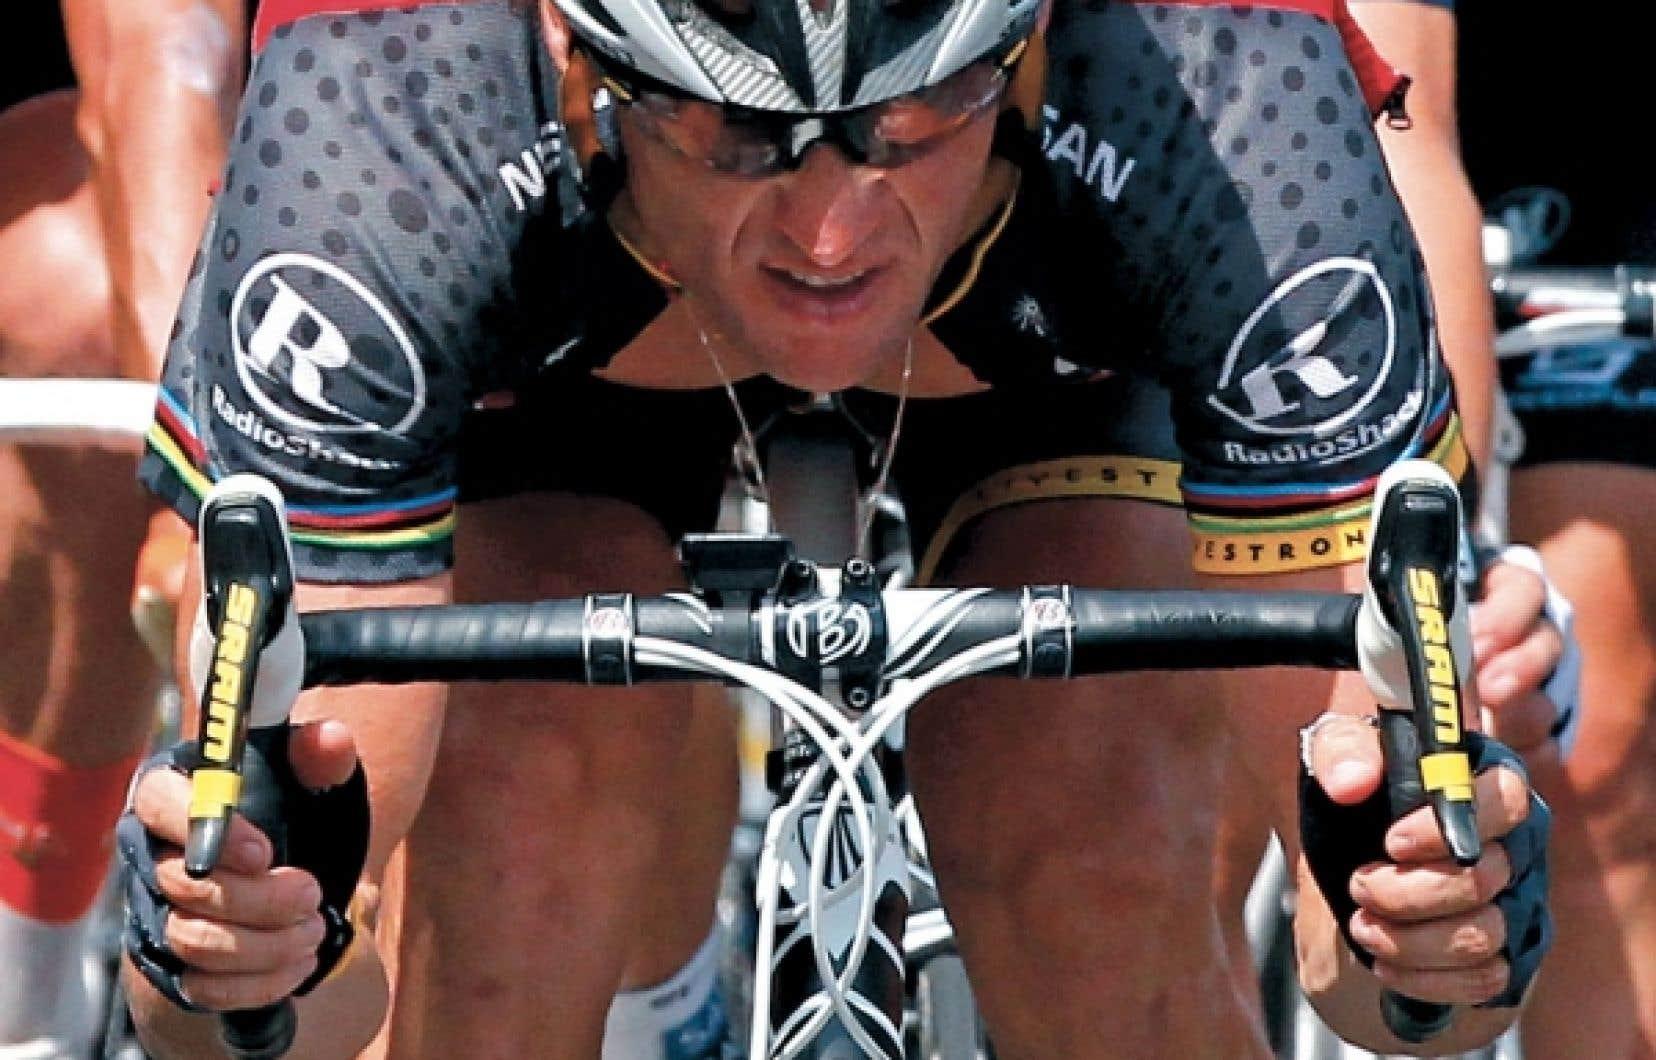 Lance Armstrong au Tour de France en 2010. «Si un individu ou un système trouve une stratégie efficace pour arriver à ses fins, explique le philosophe Dominic Martin, le risque est grand que cela force tous les autres à employer la même ruse, peu importe la moralité ou l'éthique de chacun des individus. » Un exemple? À la suite des révélations-chocs au sujet du champion déchu, l'on constate que d'autres sportifs ont recouru eux aussi au dopage pour viser la victoire.